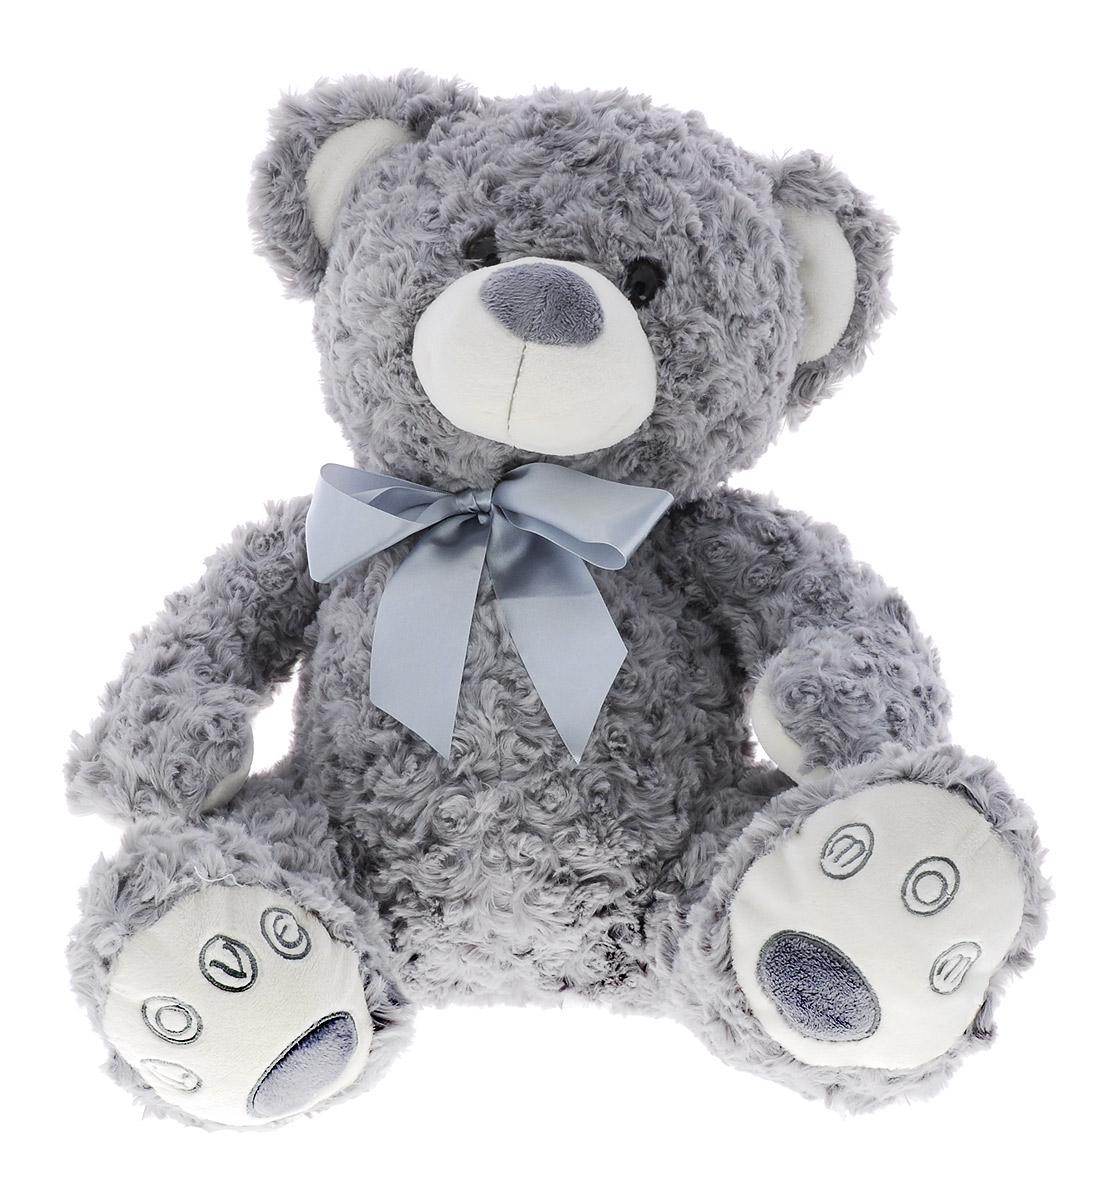 Sonata Style Мягкая игрушка Медведь с бантом 40 смNHP 21483Забавная мягкая игрушка Sonata Style Медведь с бантом не оставит вас равнодушным и вызовет улыбку у каждого, кто ее увидит. Игрушка выполнена в виде милого медвежонка. На шее у мишки повязан очаровательный бантик, который подчеркивает его стиль. Глазки изготовлены из пластика. Такая игрушка вызовет умиление не только у детей, но и у взрослых. Мягкая игрушка Sonata Style Медведь с бантом изготовлена из высококачественного текстиля, безопасного для детского здоровья.